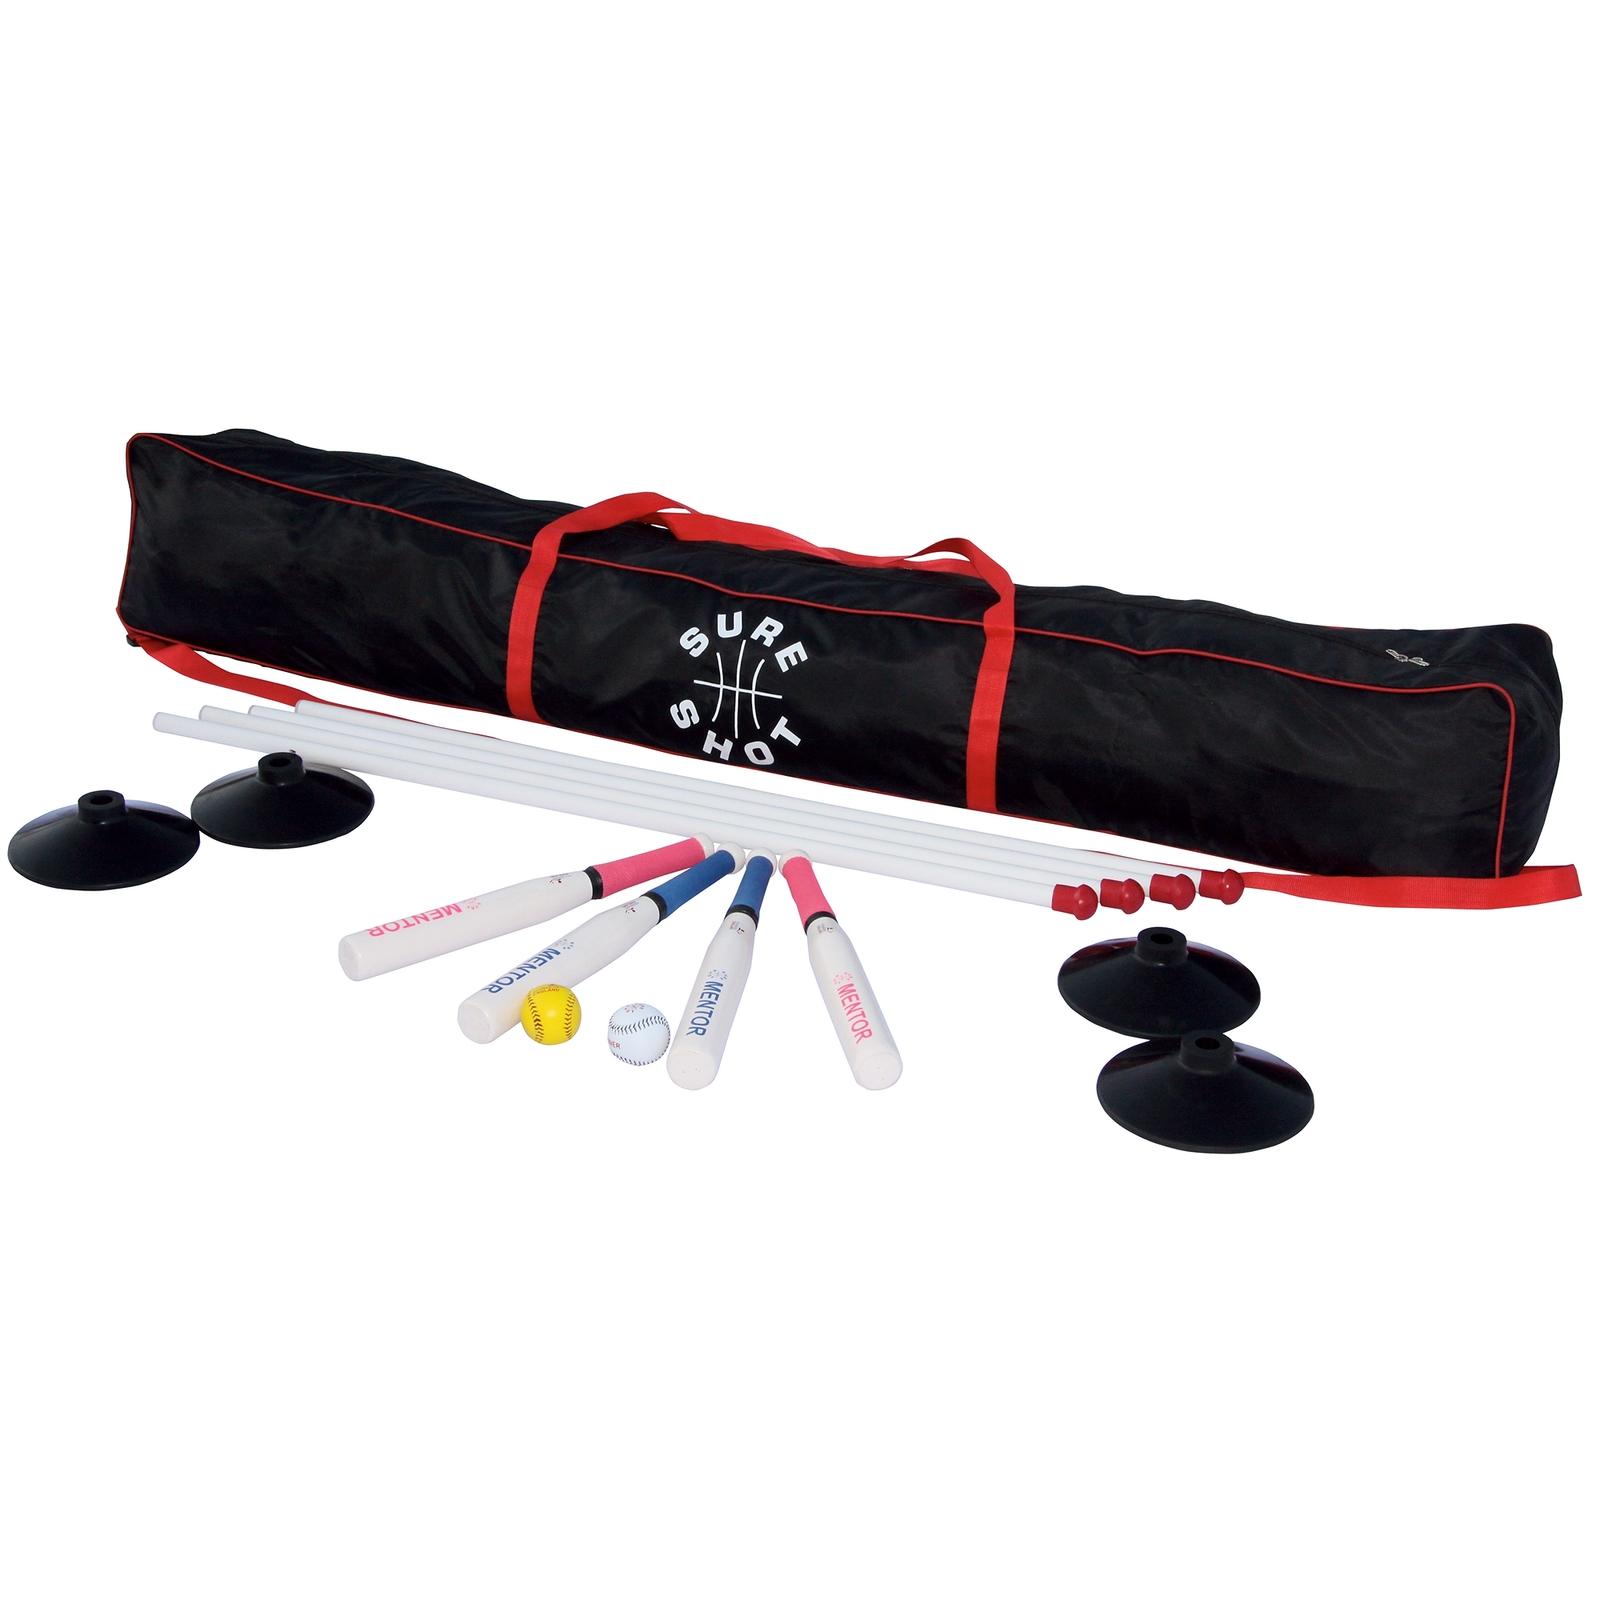 Sureshot Rounders Starter Pack